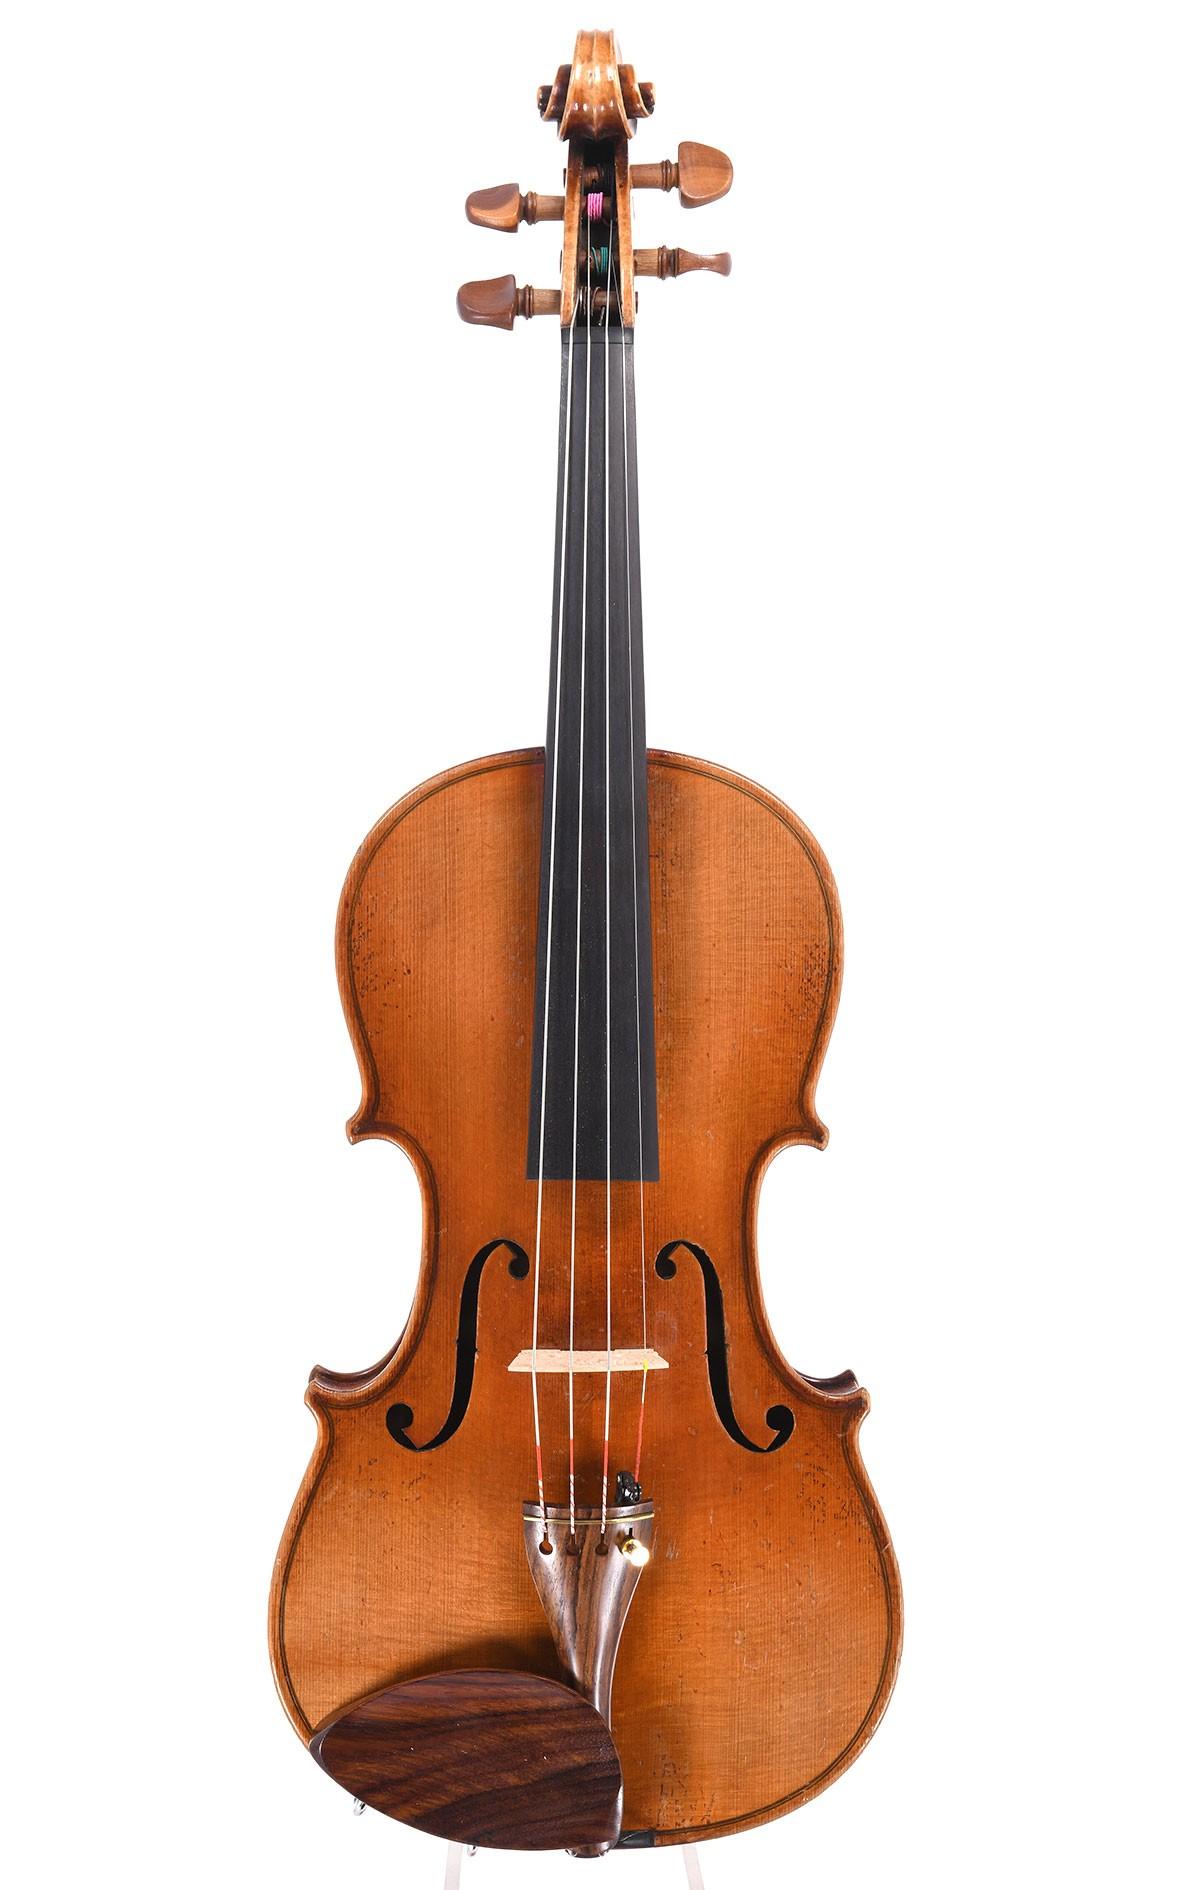 C. A. Götz Junior: Markneukirchener Geige